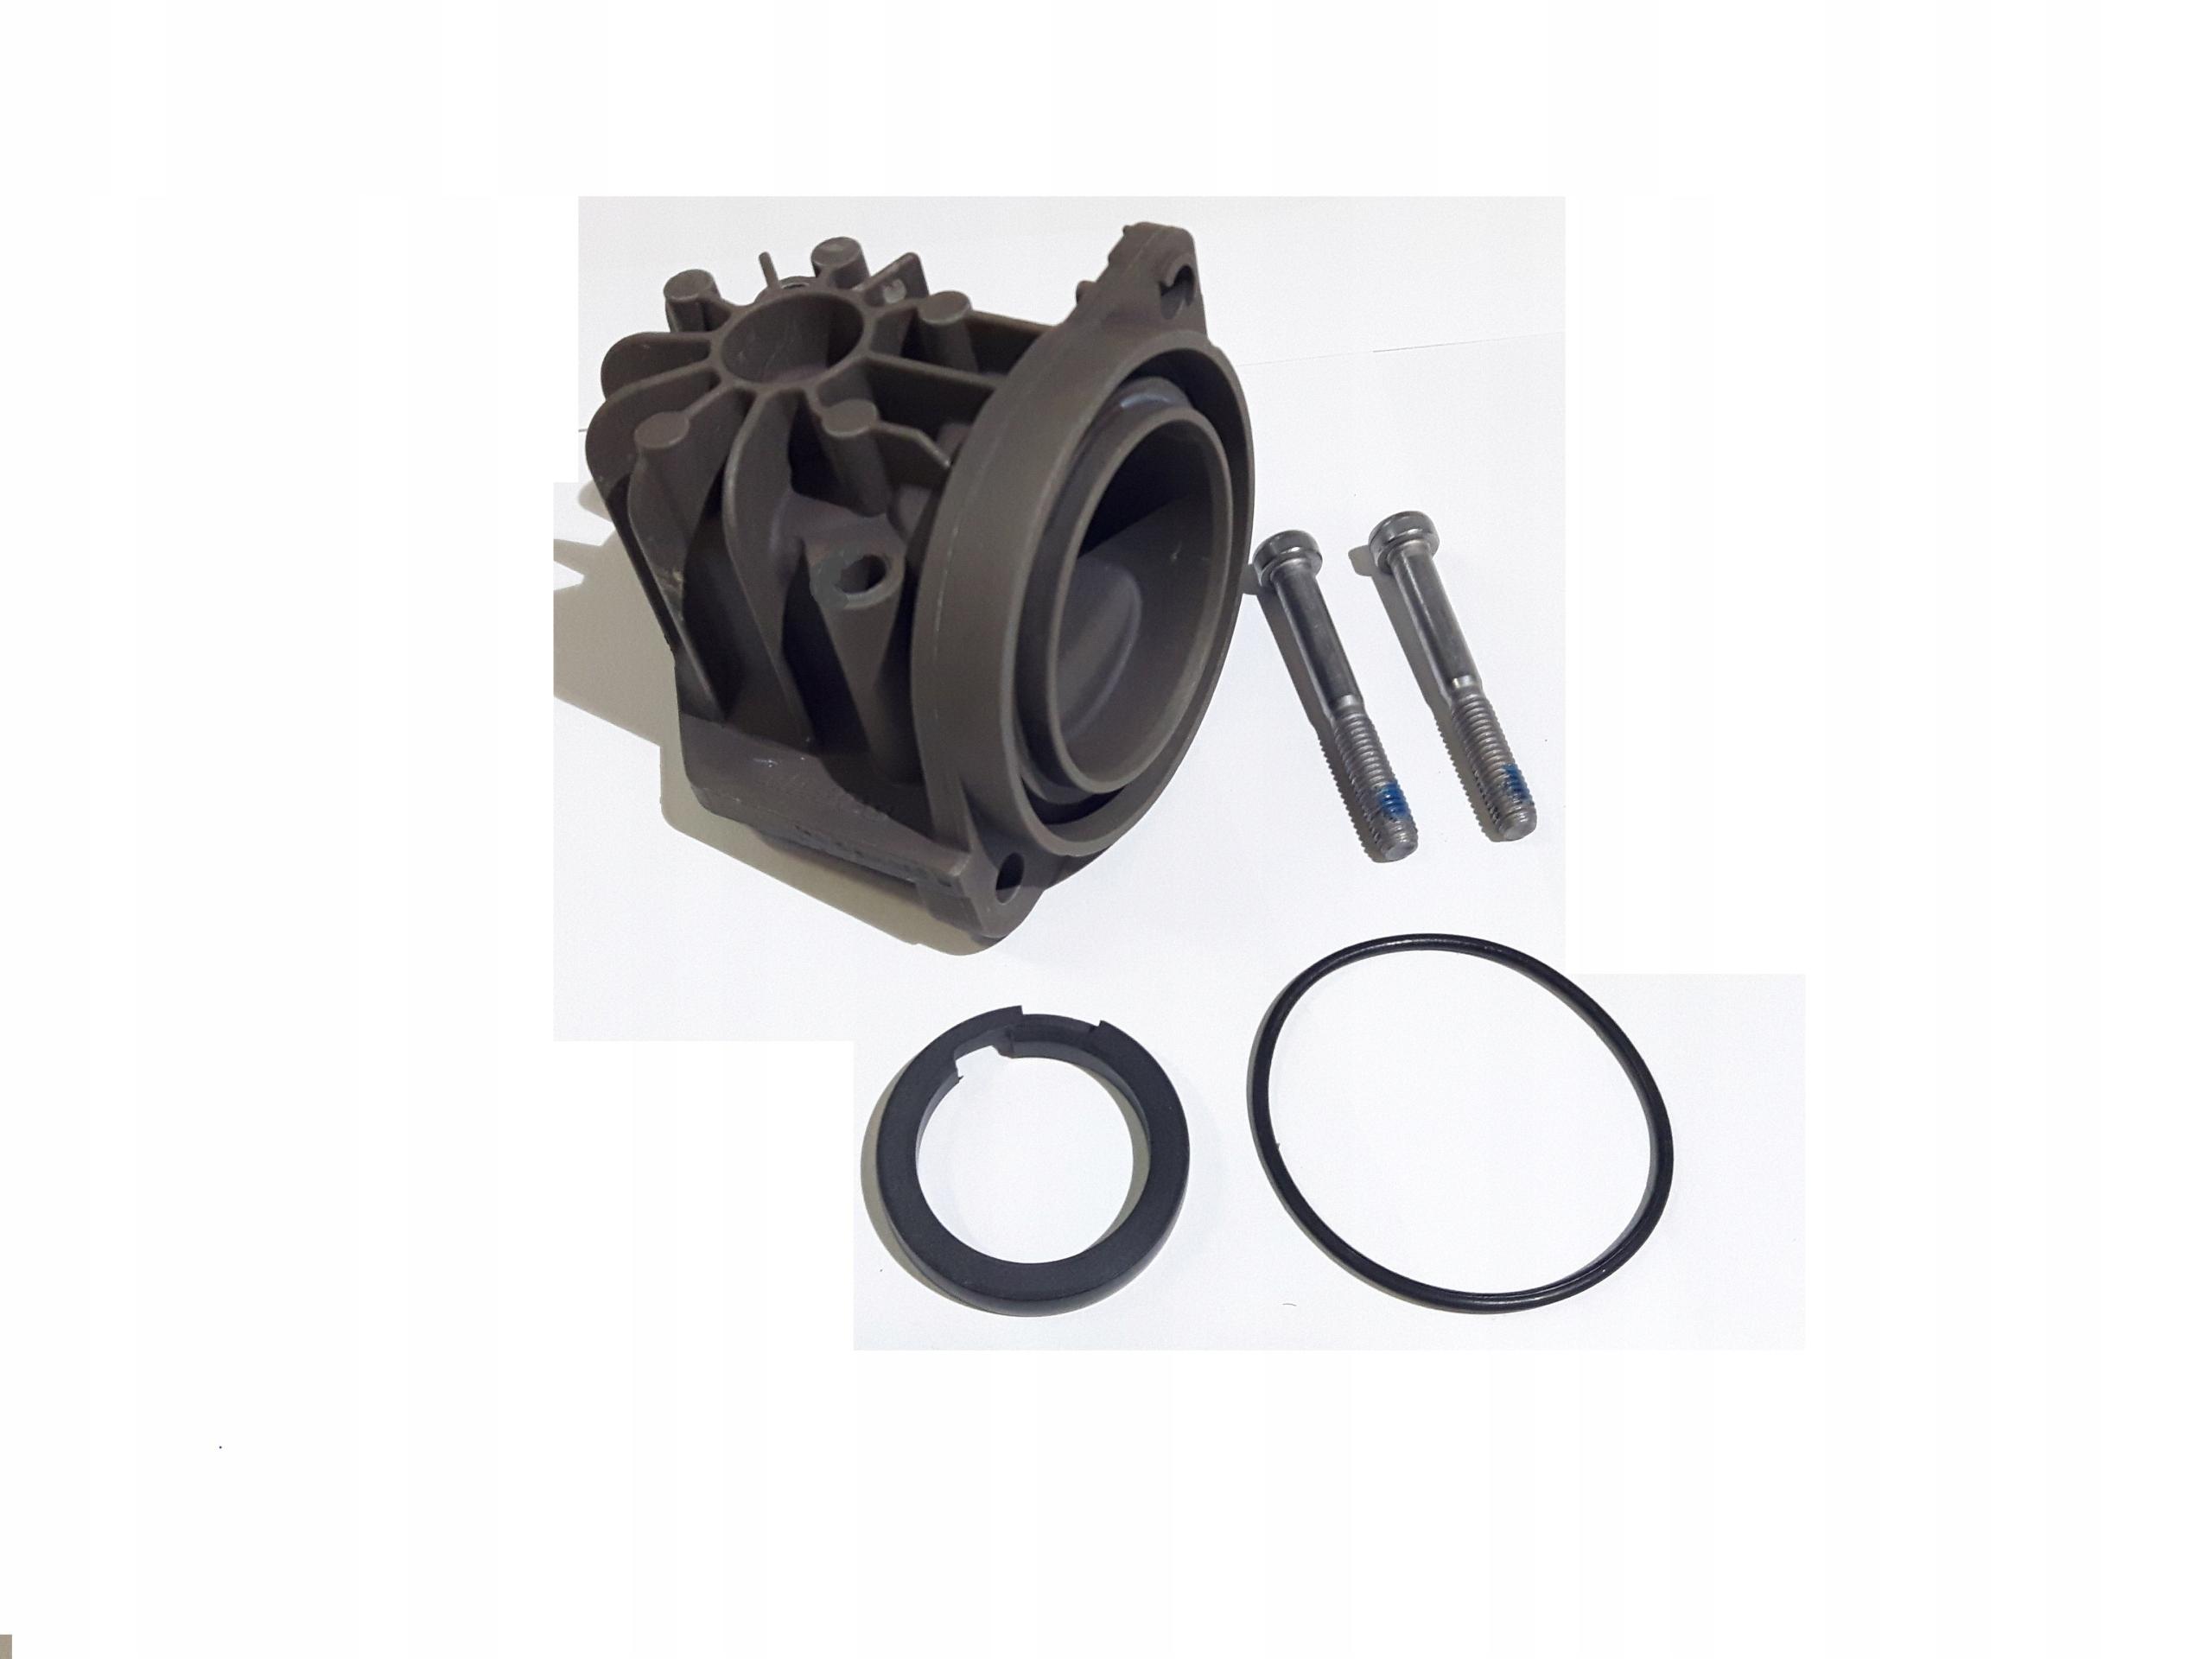 mercedes w211 s220 cls компрессор комплект ремонтный